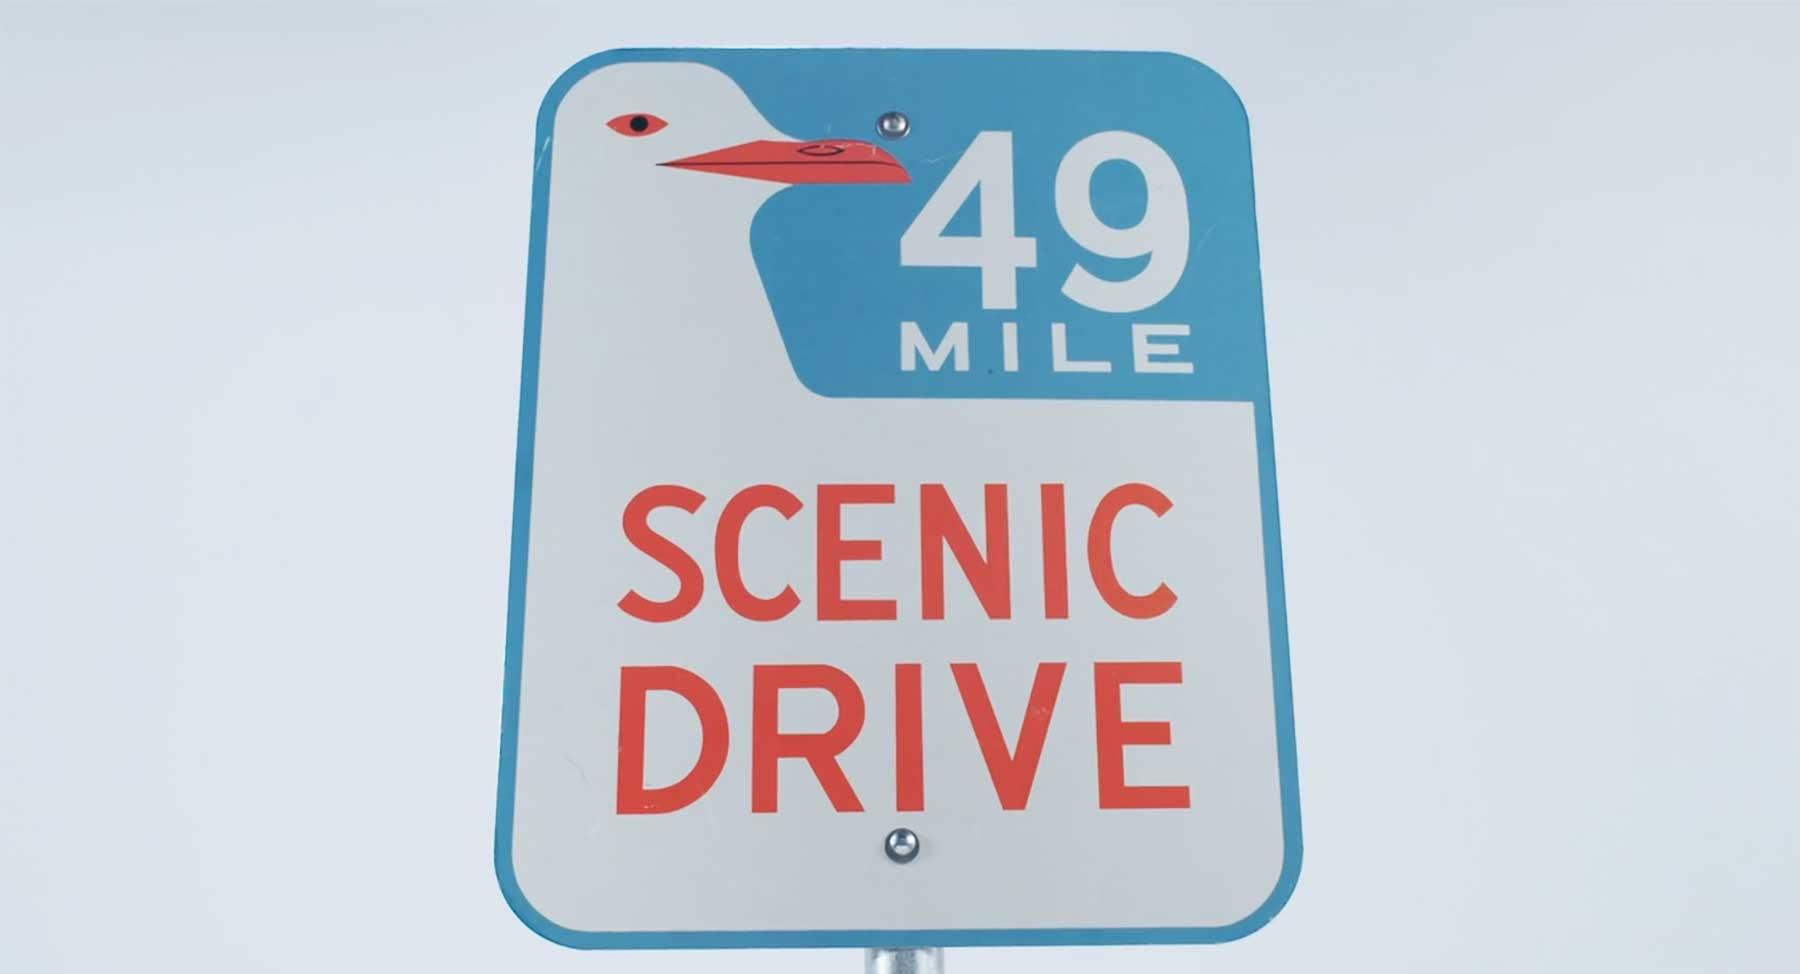 Die Geschichte des kultigen 49 Mile Scenic Drive-Straßenschildes